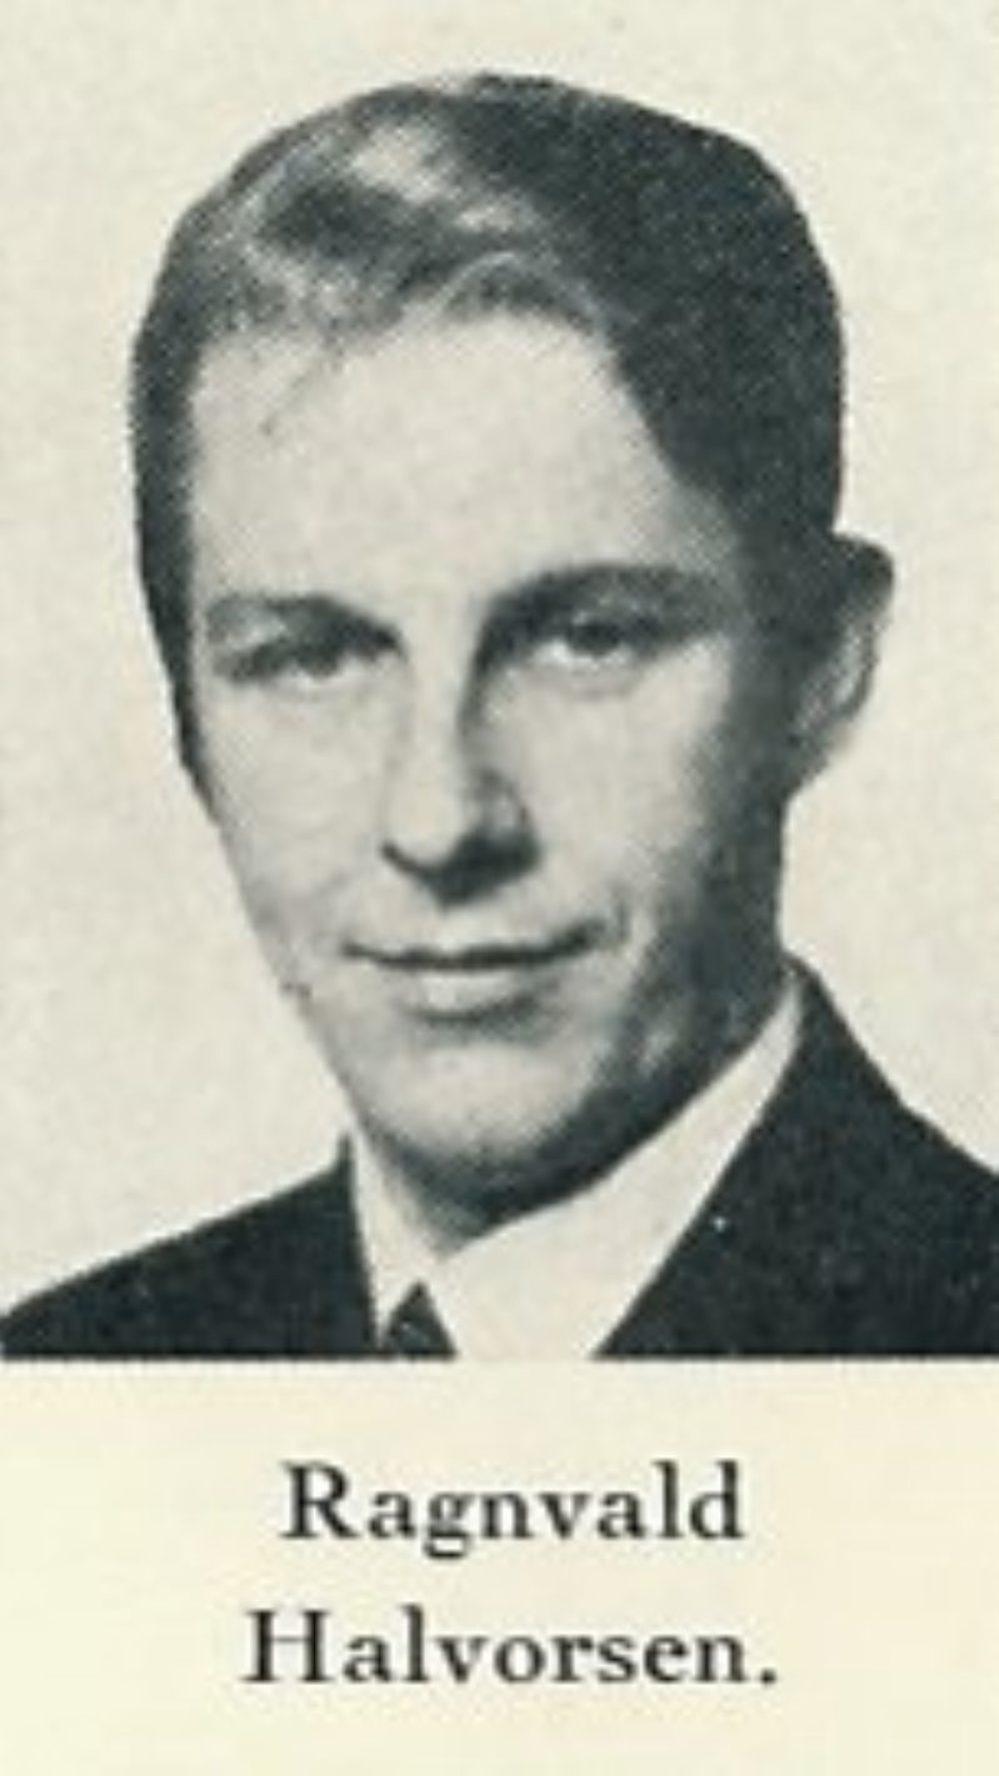 Ragnvald Halvorsen